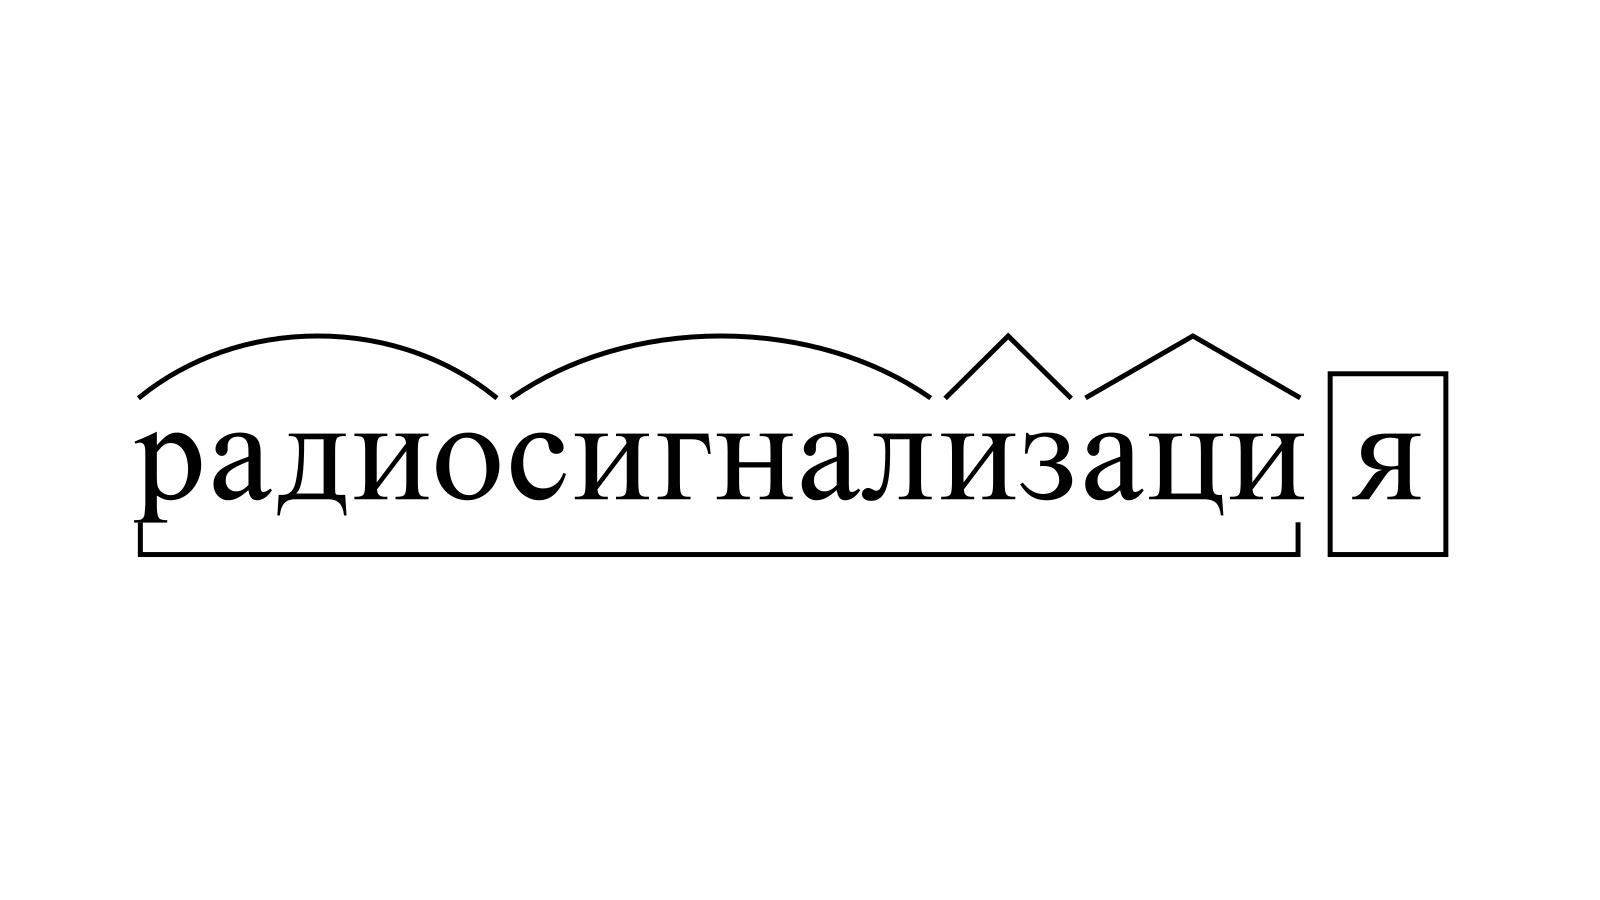 Разбор слова «радиосигнализация» по составу